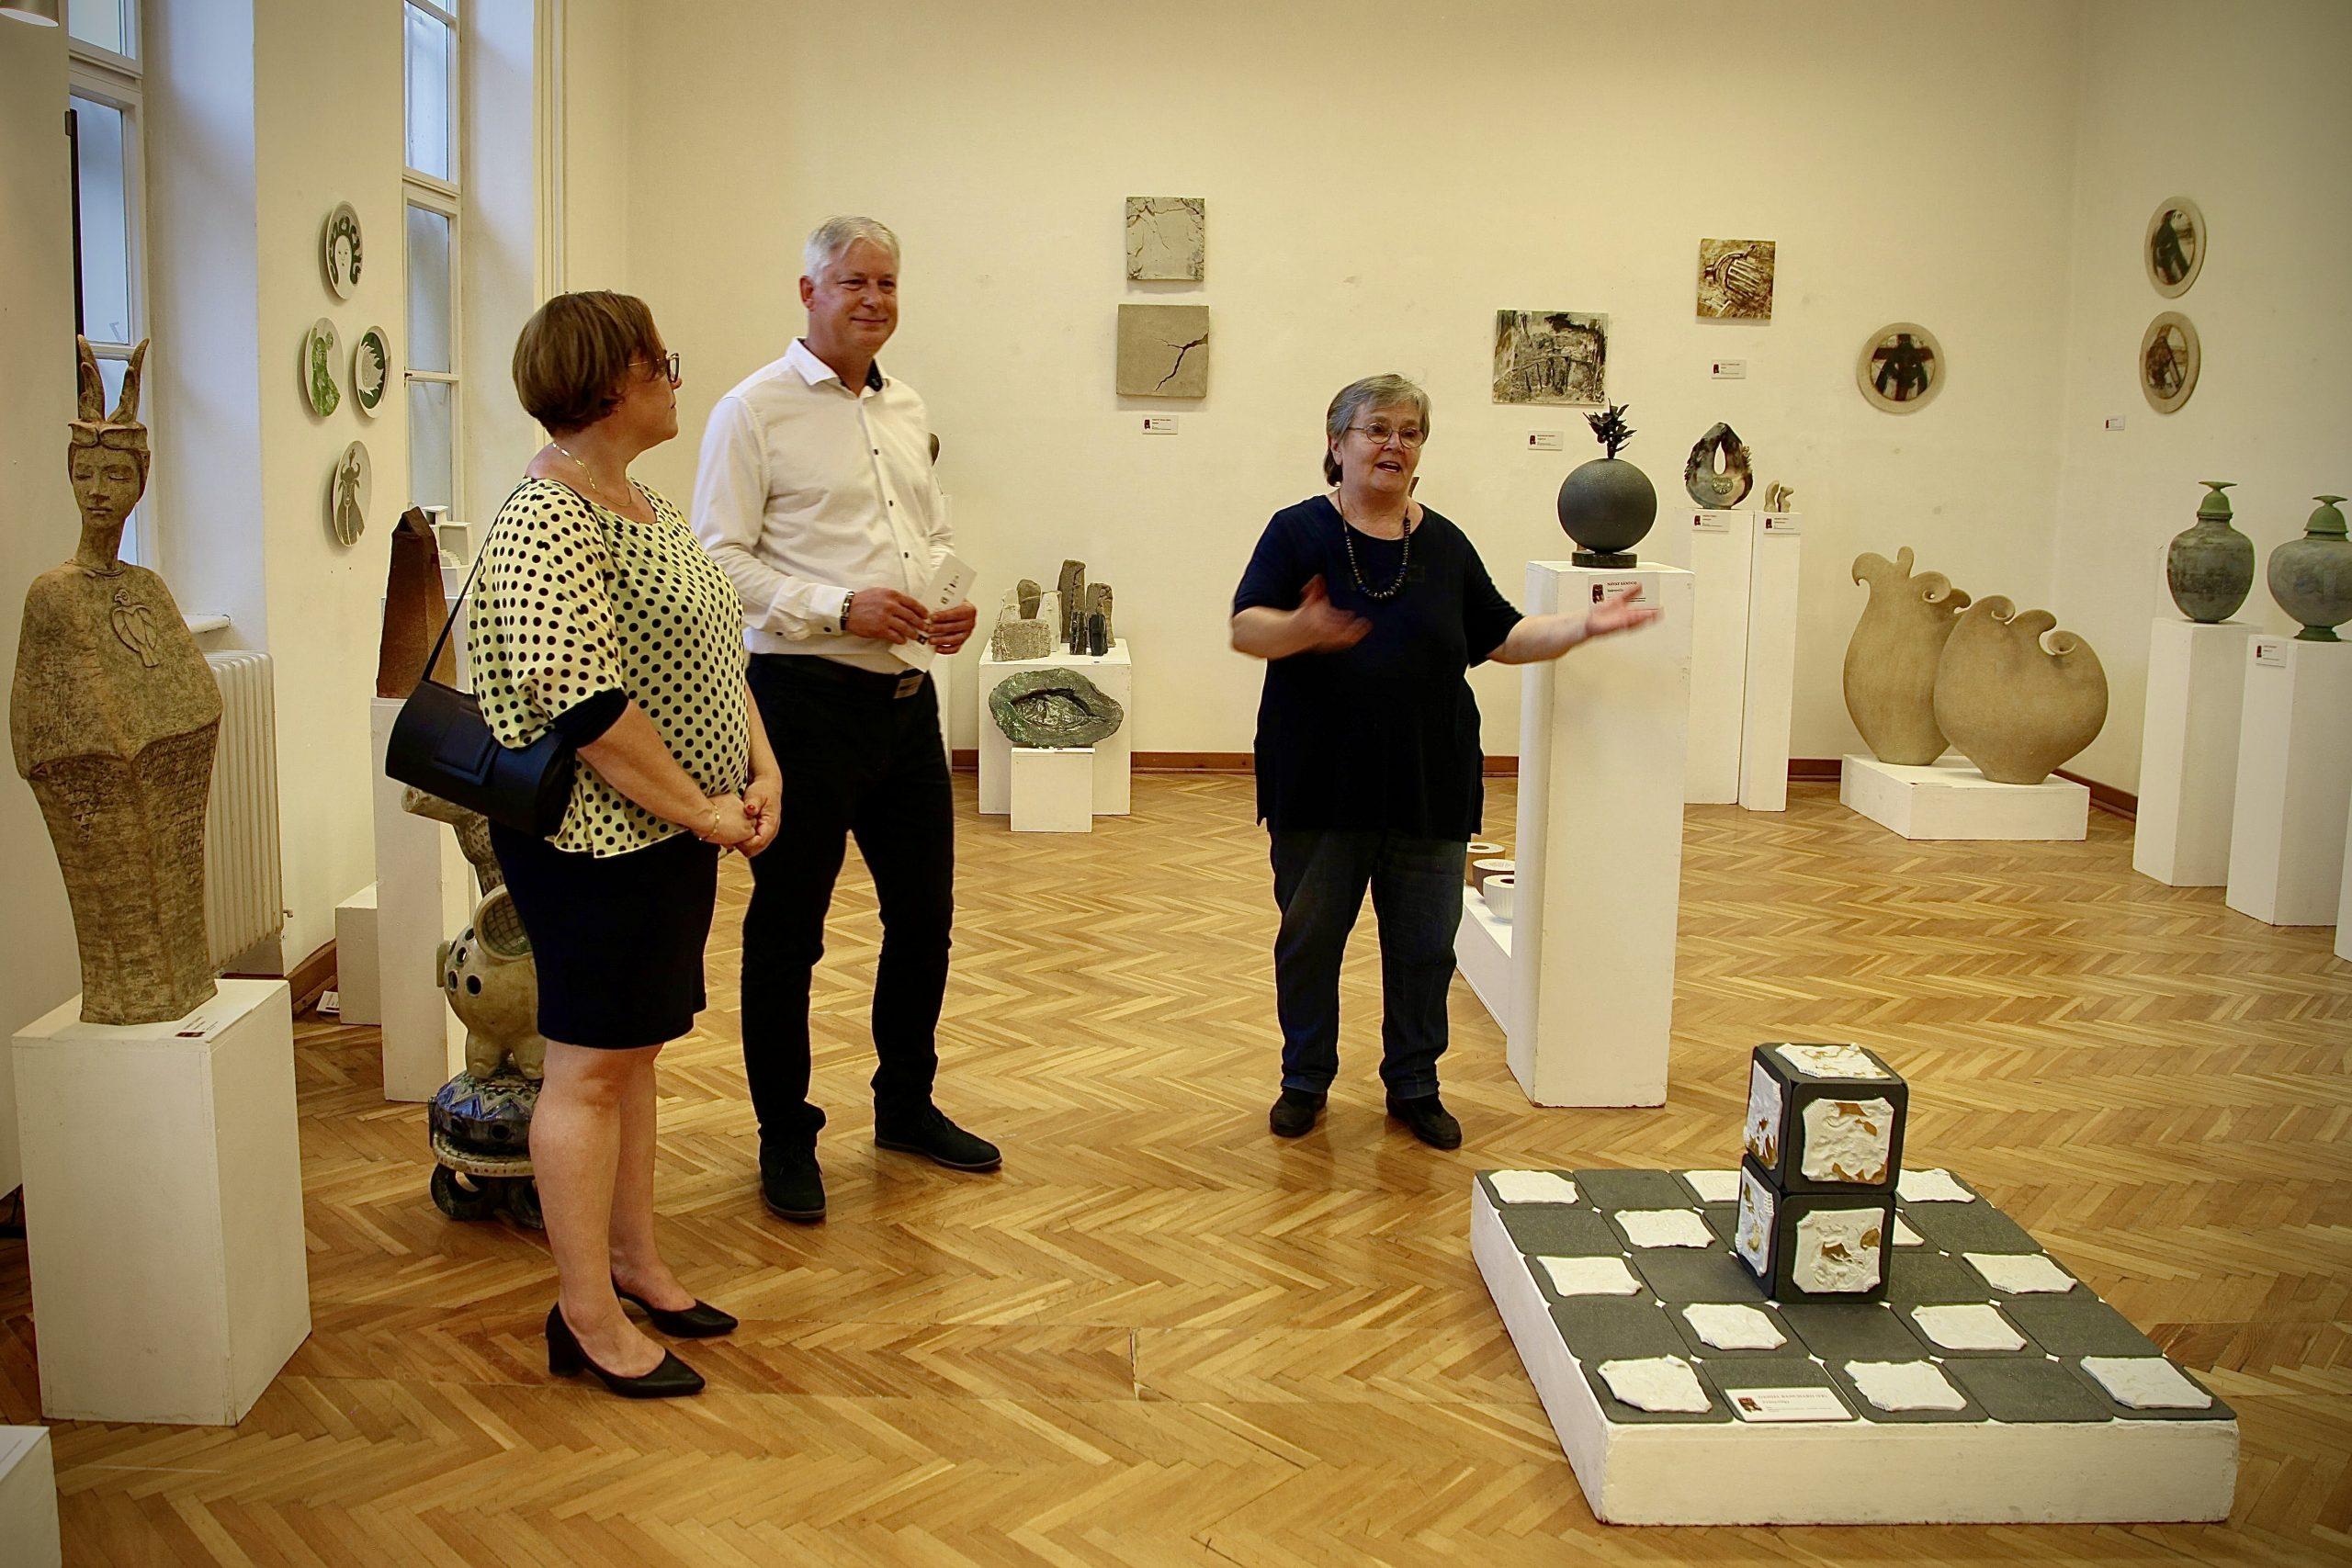 Értékteremtés ipar művészet kerámia Pannonhalmi Zsuzsa